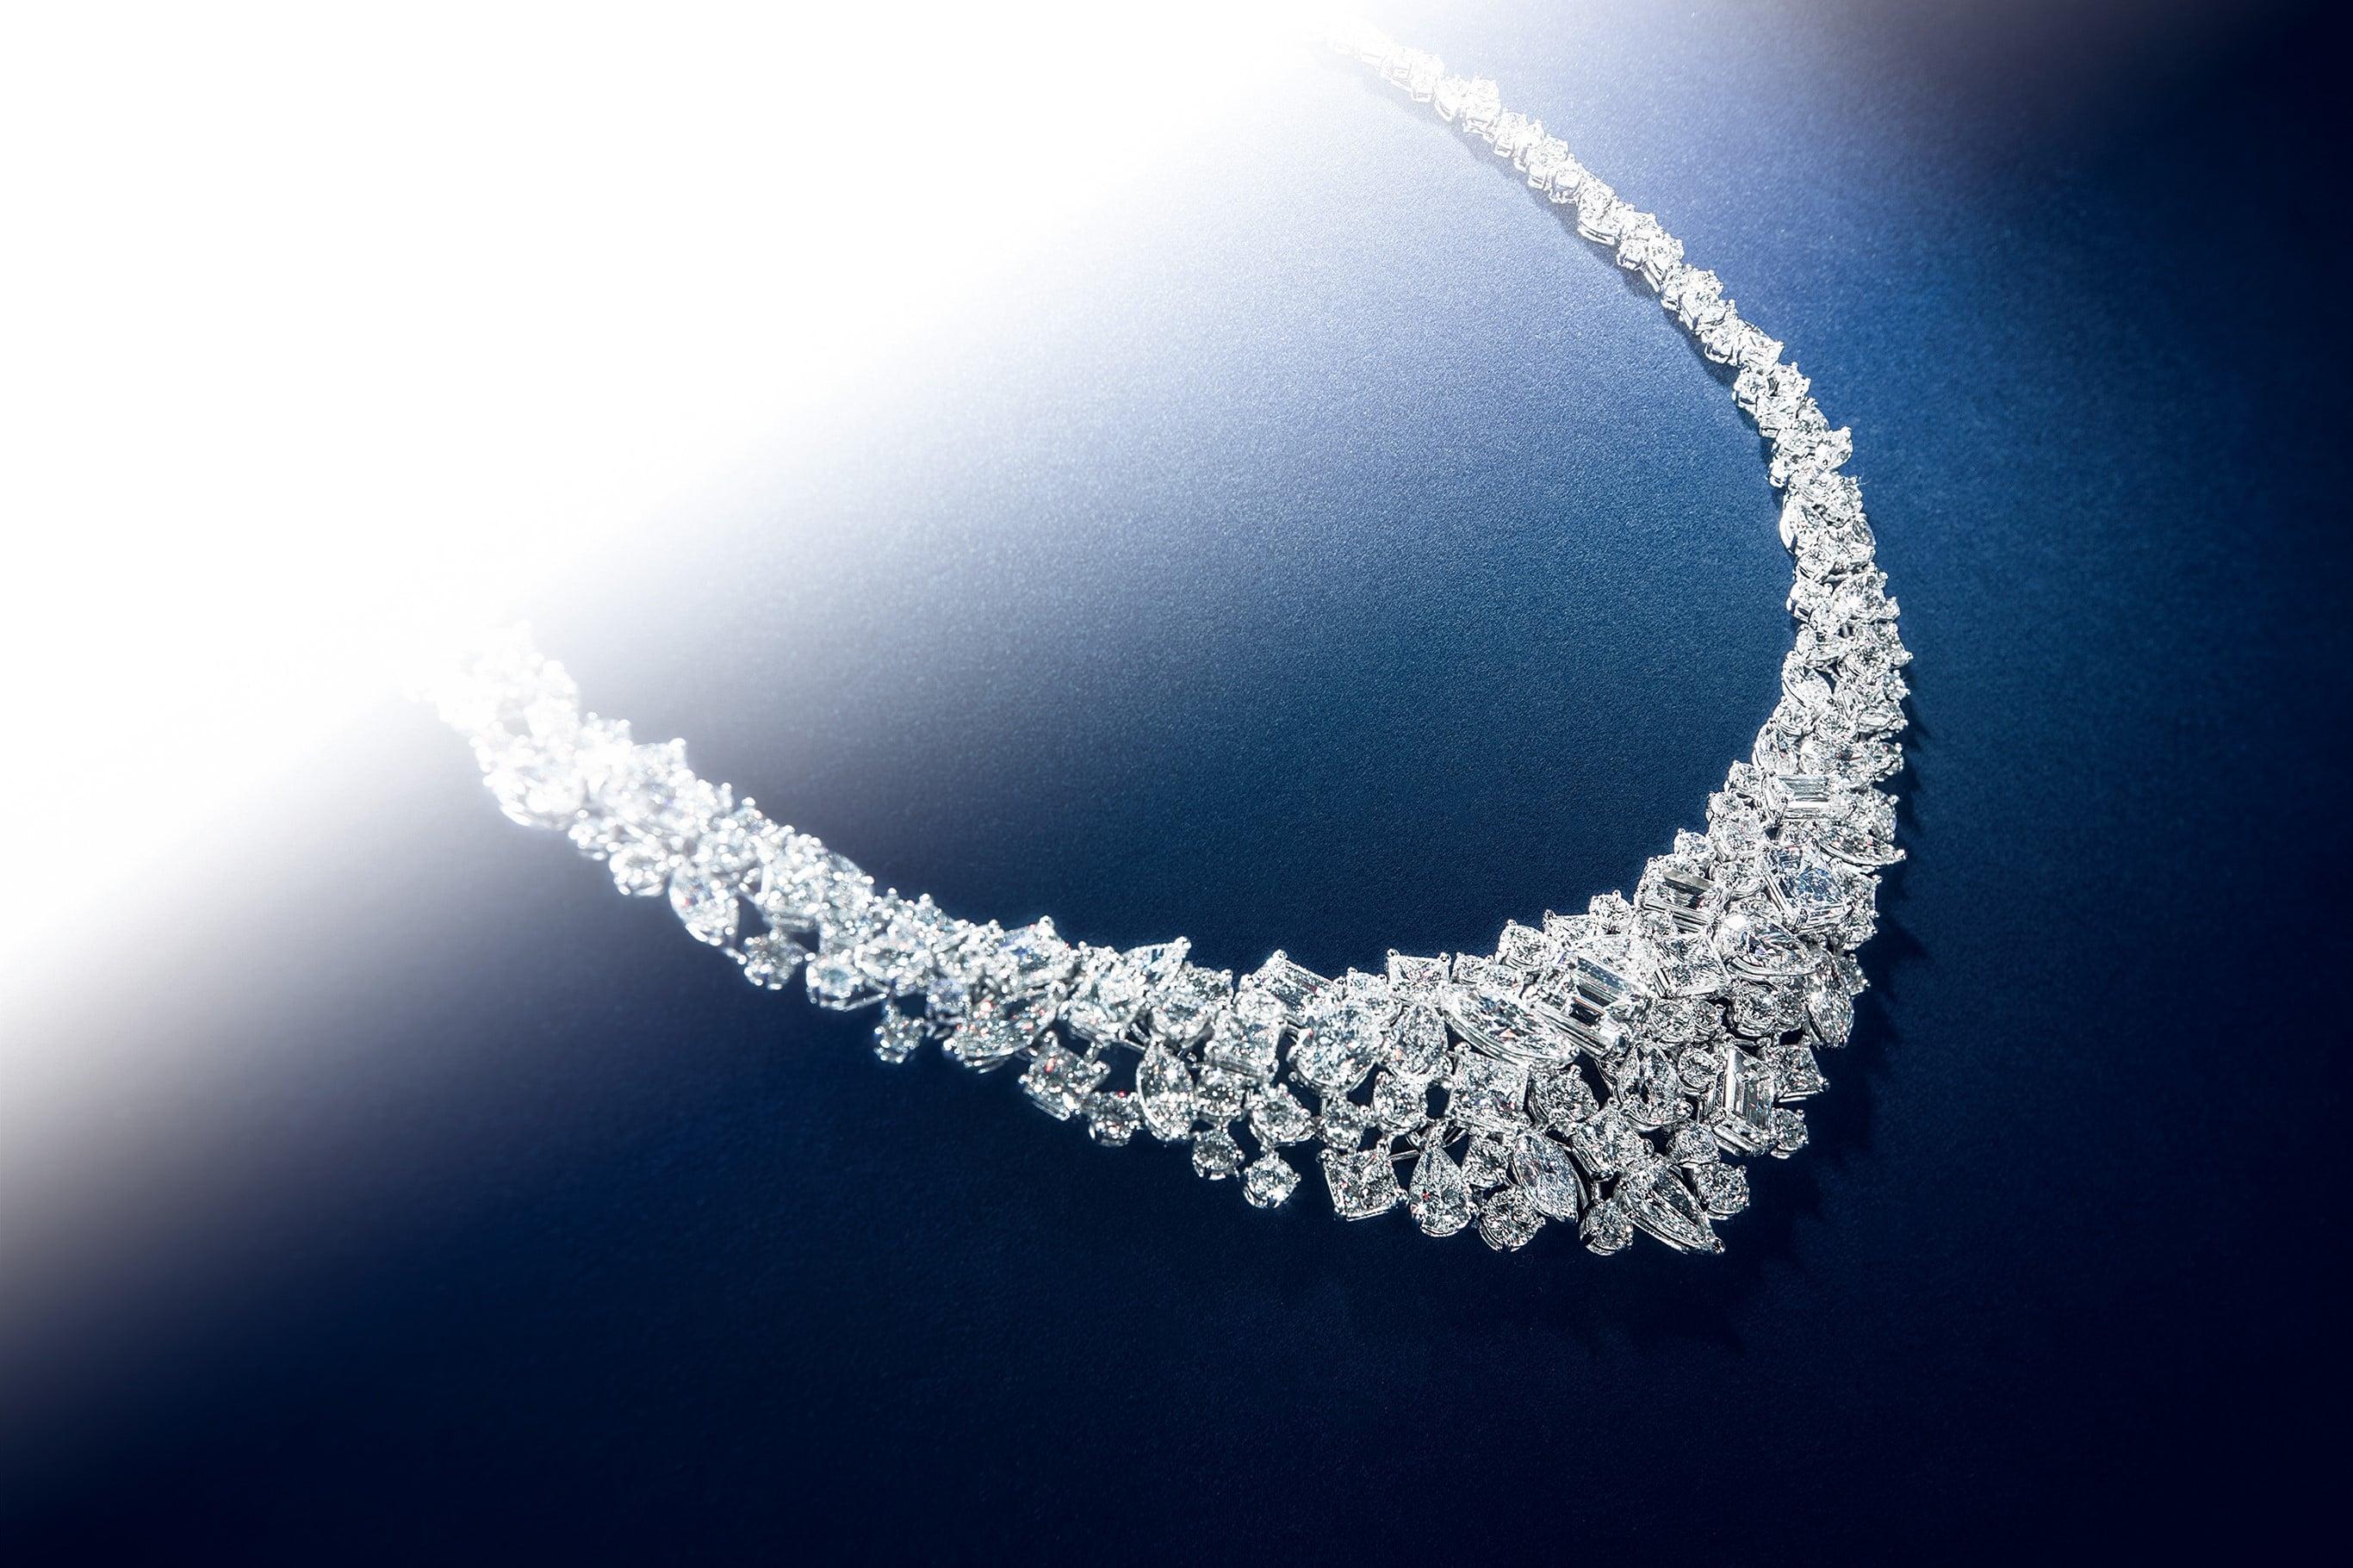 ラウンドブリリアント、ペアシェイプ、マーキス、スクエアと、様々なカットのダイヤモンド 合計46.18ctが、身につける人のデコルテを眩い光で覆う豪華さを極める。ネックレス。Pt・ダイヤモンド。39,000,000円 税込